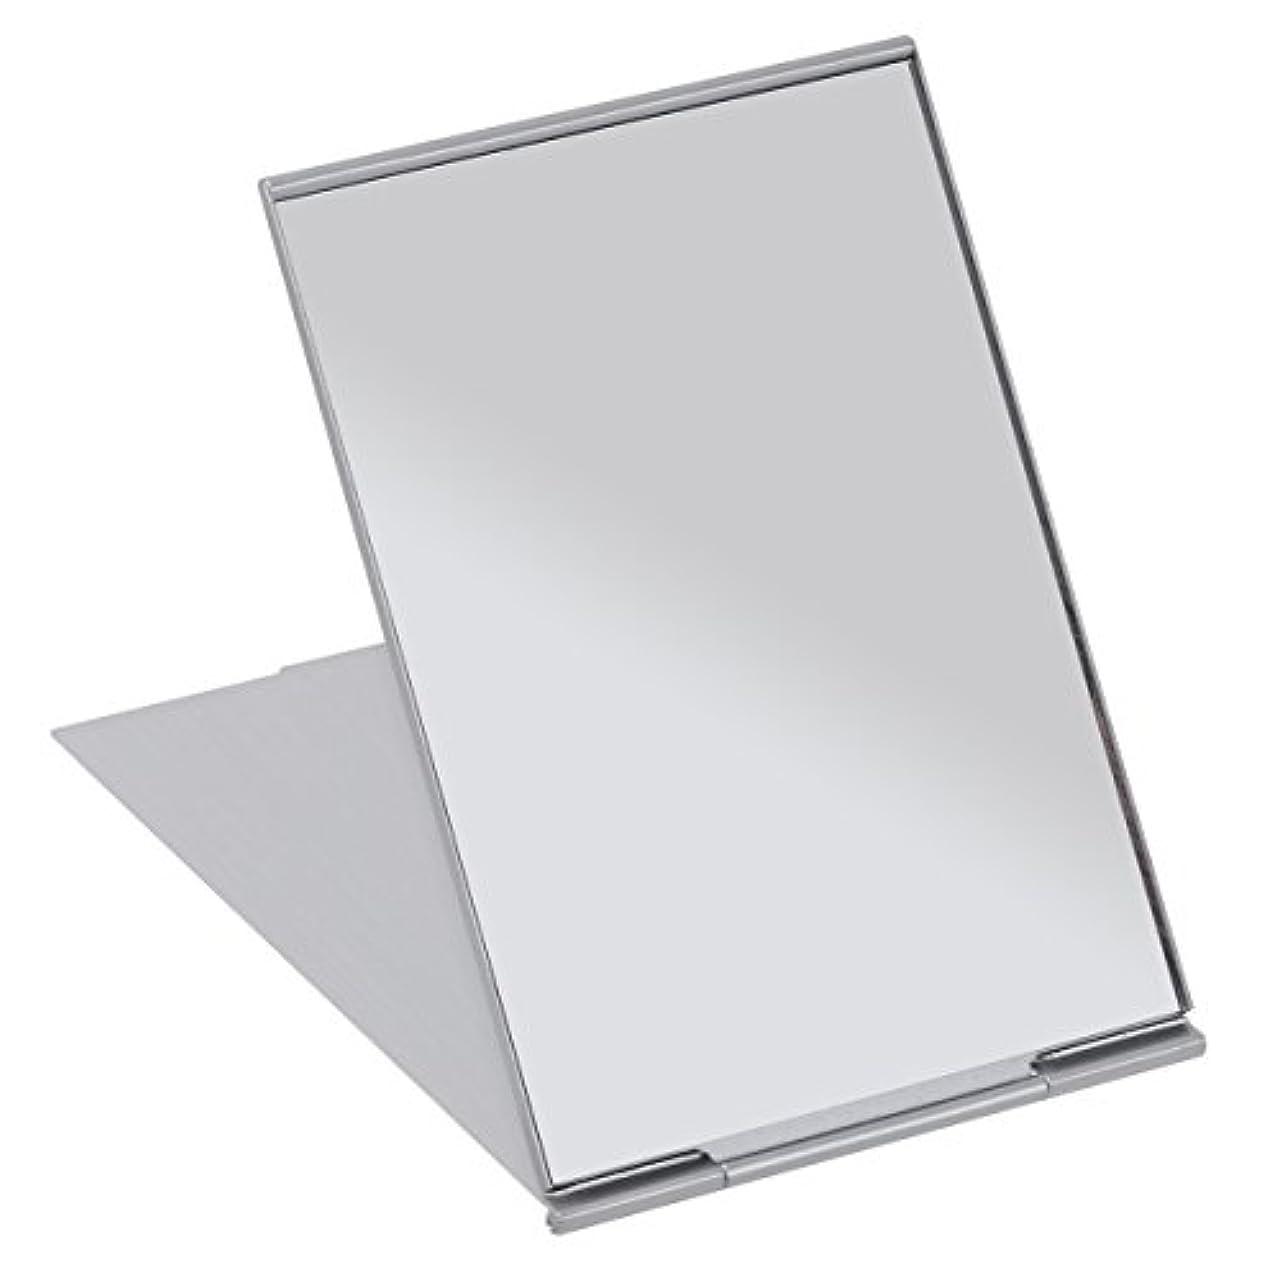 回路害広範囲にFRCOLOR 化粧鏡 携帯ミラー 折りたたみミラー 化粧ミラー コンパクトミラー 11.5*8cm 持ち運びに便利 (シルバー)